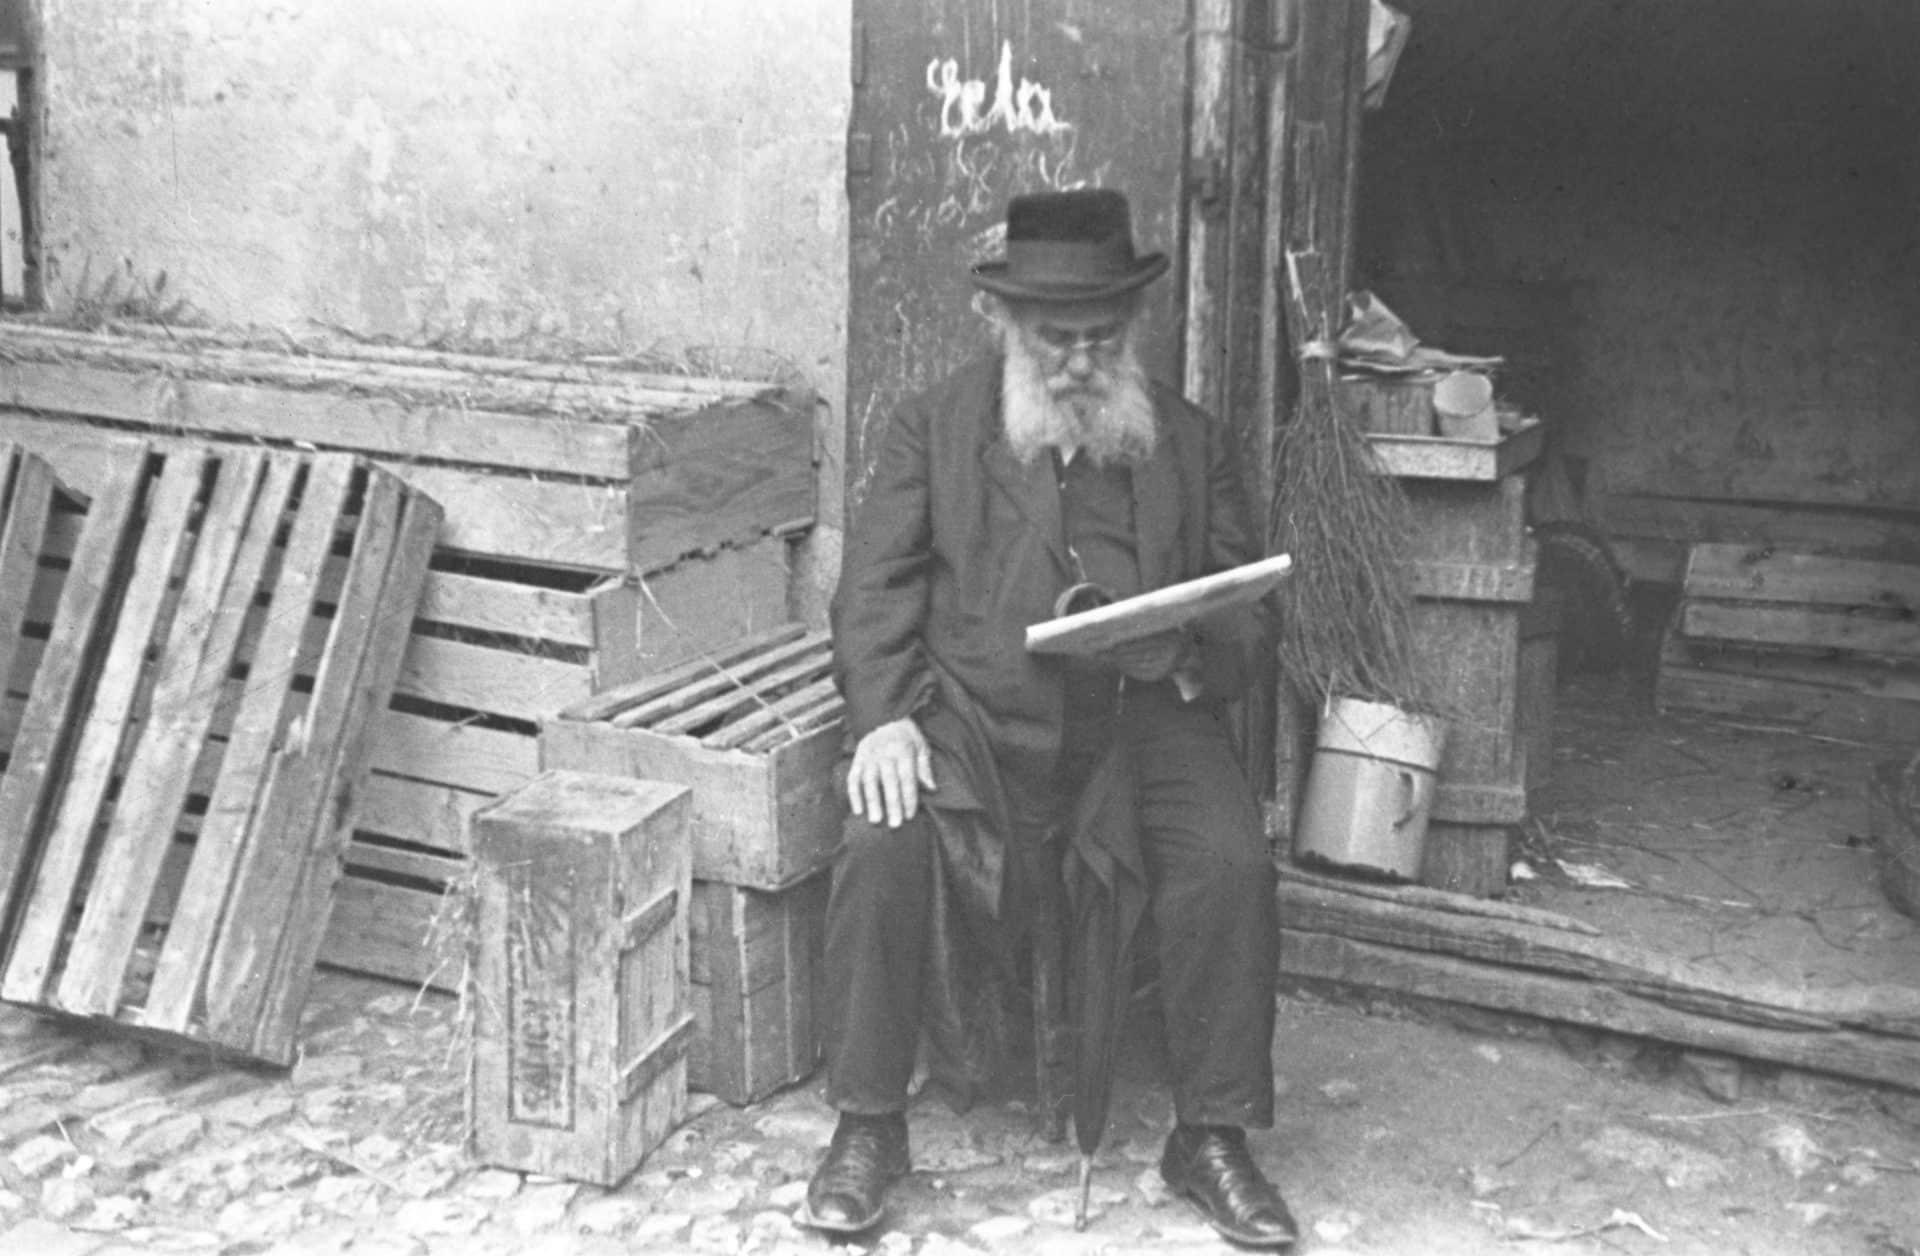 Zdjęcie zrobiono w 1933 roku w Krakowie. Źródło: Narodowe Archiwum Cyfrowe. Jewish Quarter Krakow